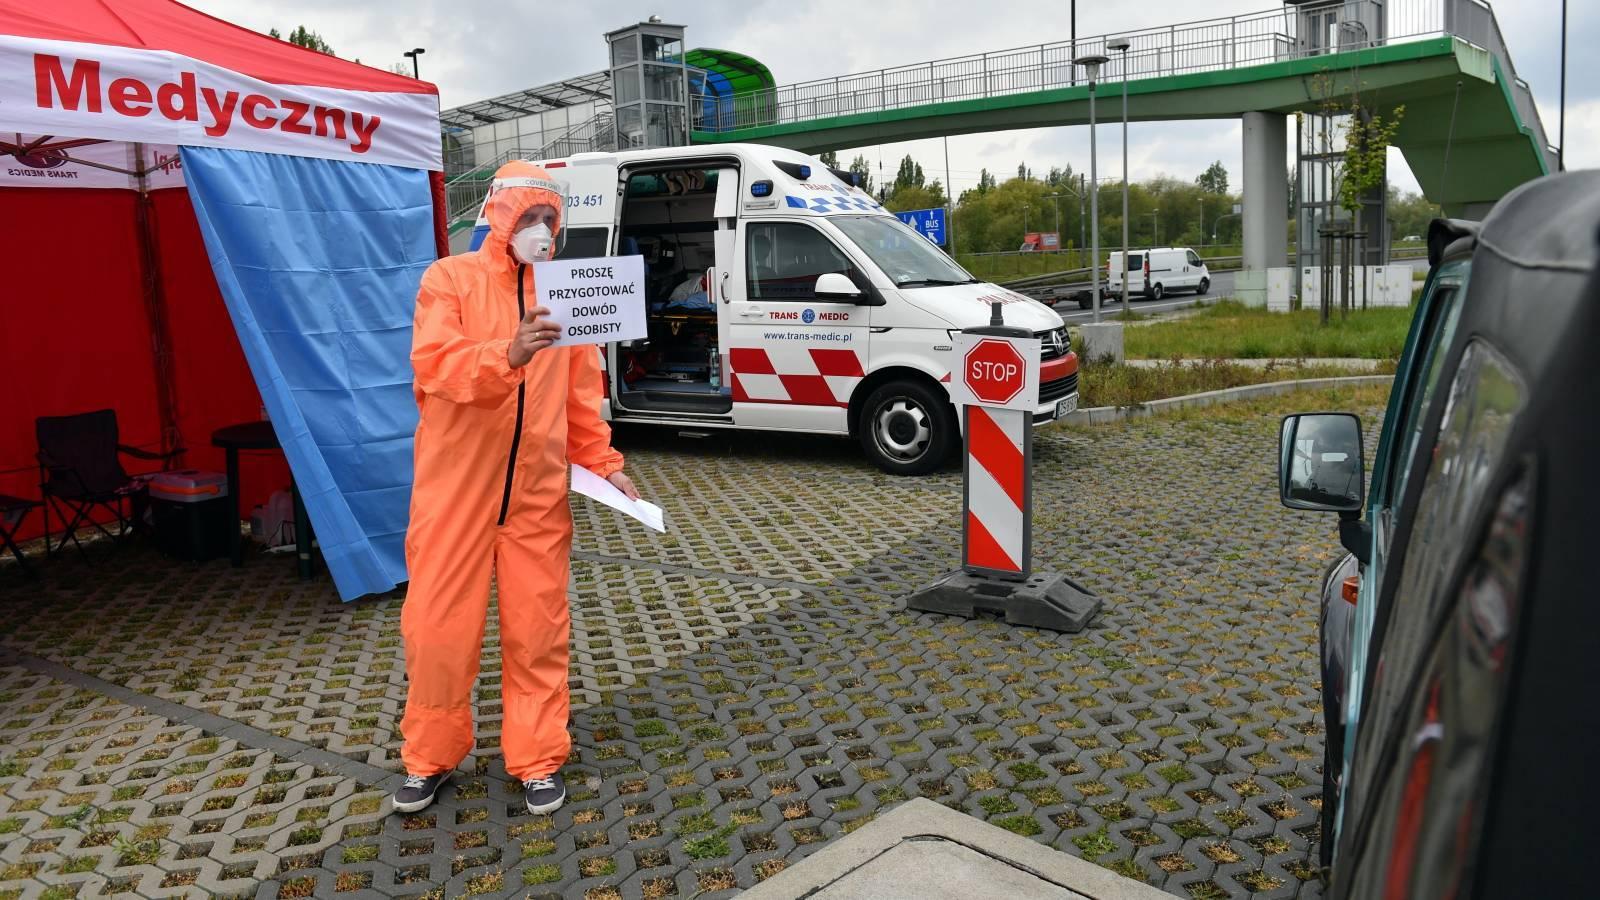 05.05.2020 | Koronawirus w odwrocie? W Polsce liczba zakażeń wciąż nie spada